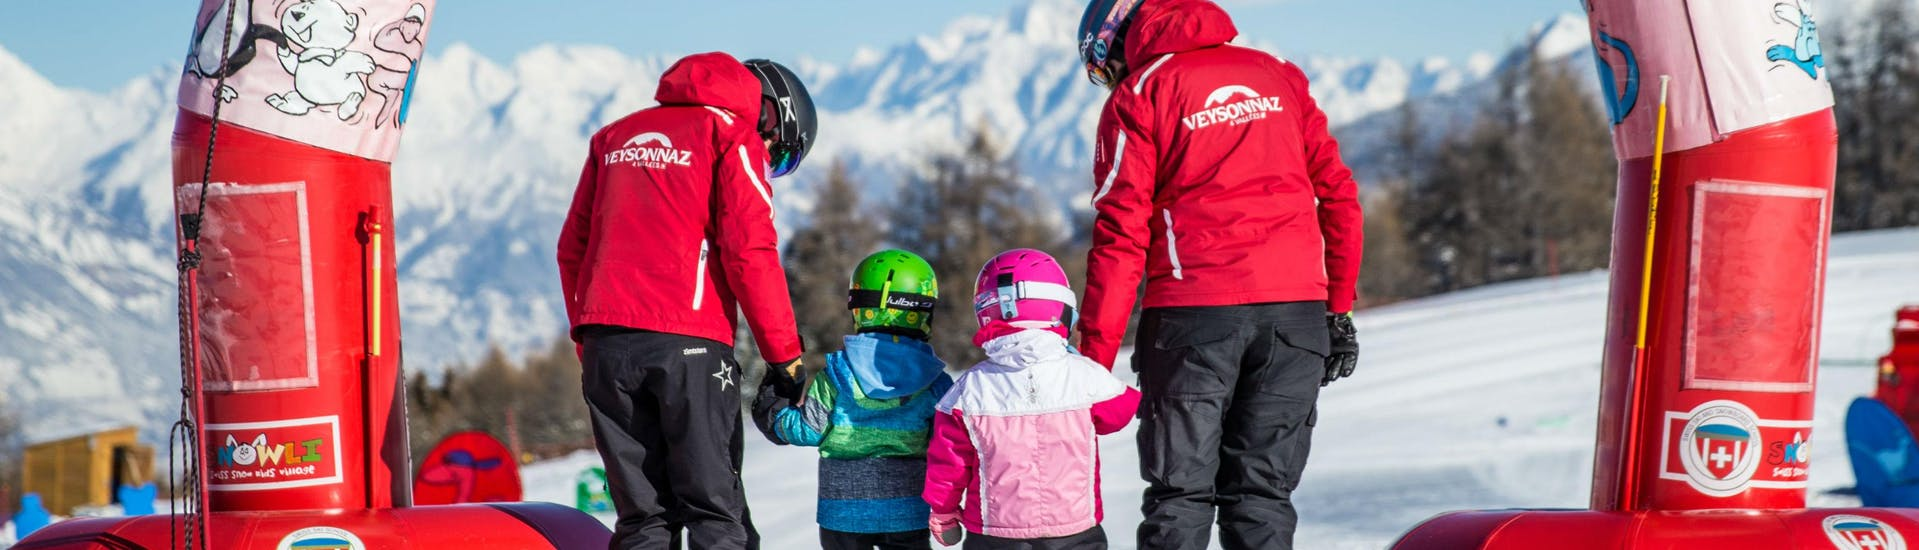 Cours particulier de ski Enfants (à partir de 6 ans) avec École Suisse de Ski de Veysonnaz - Hero image